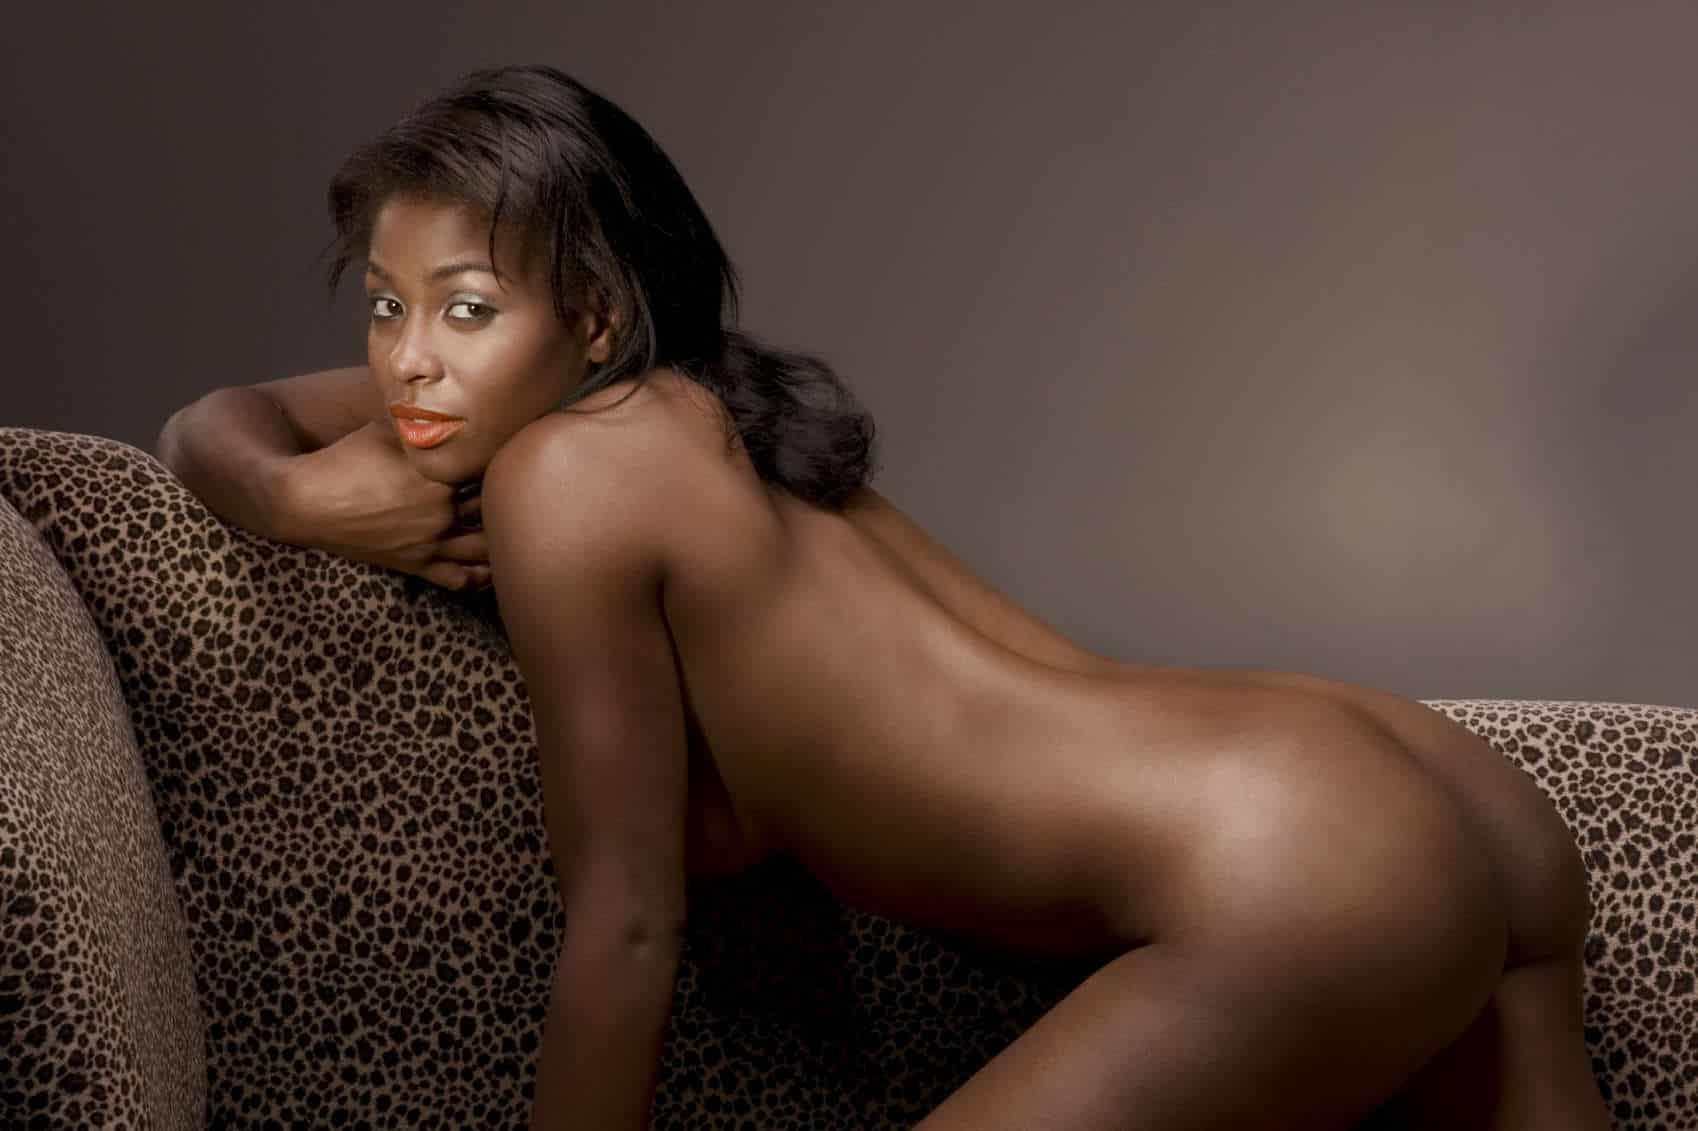 Nude latina women bed